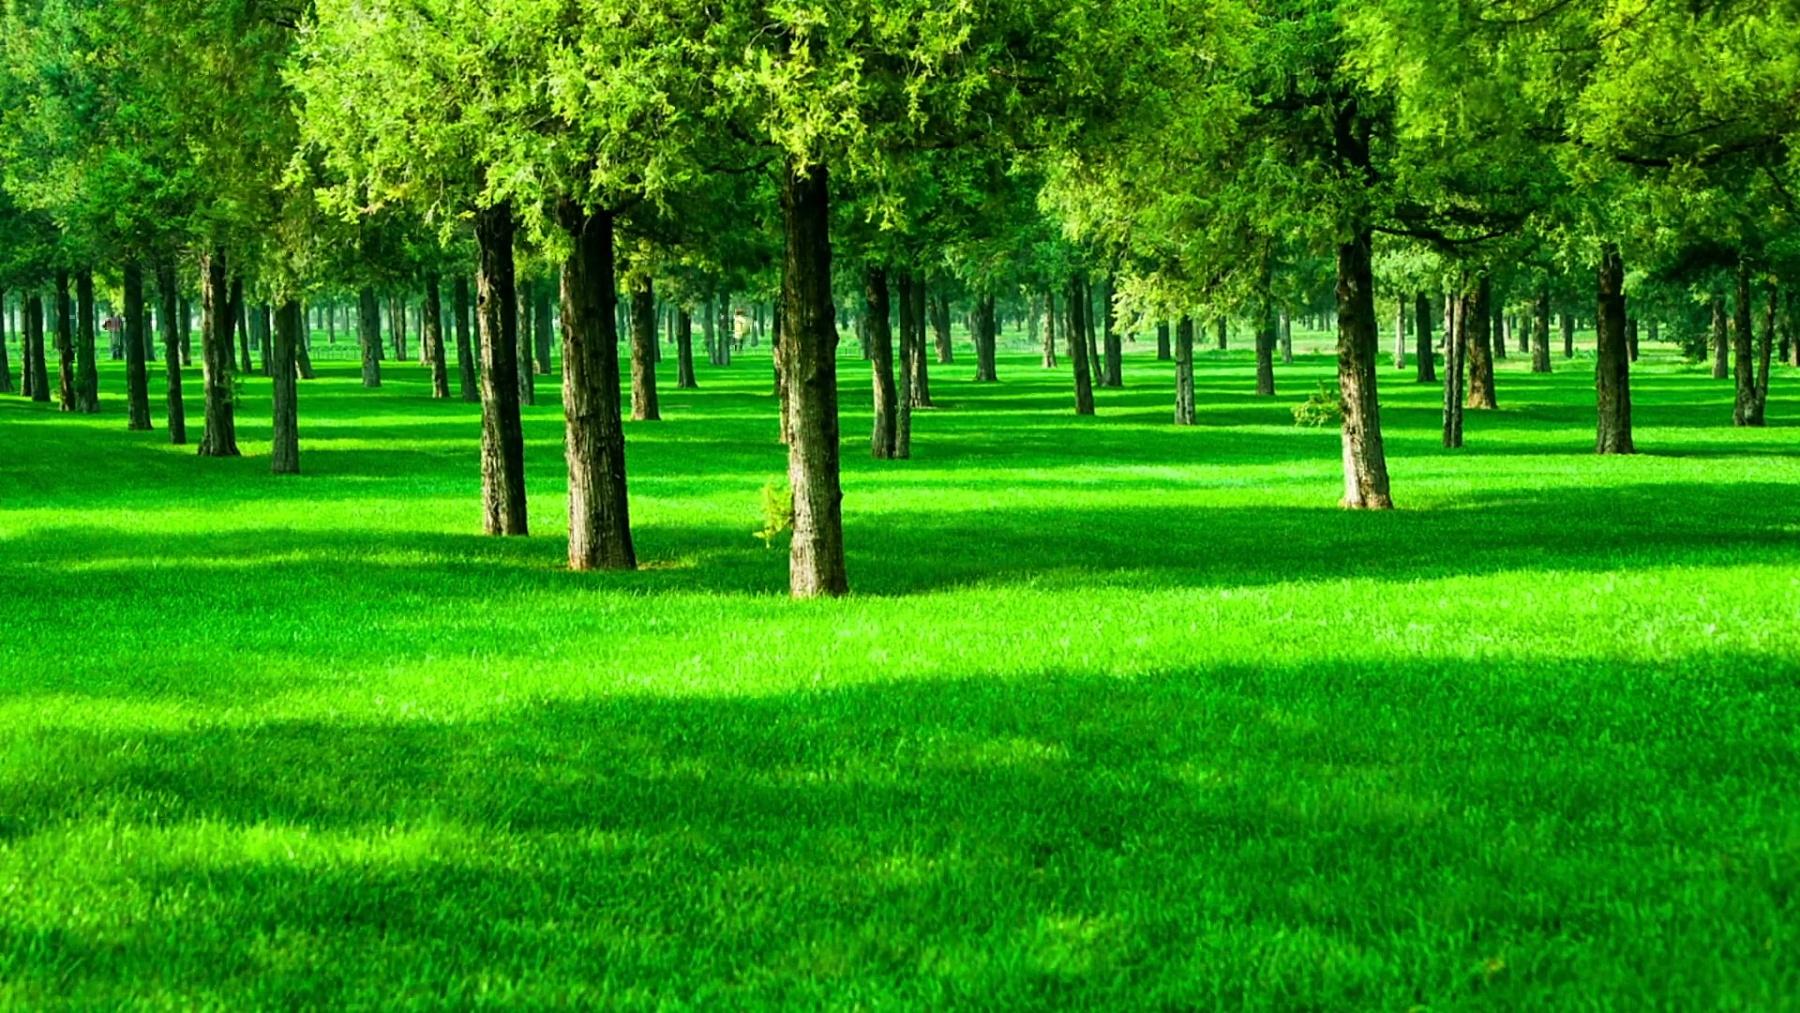 草地上移动的影子